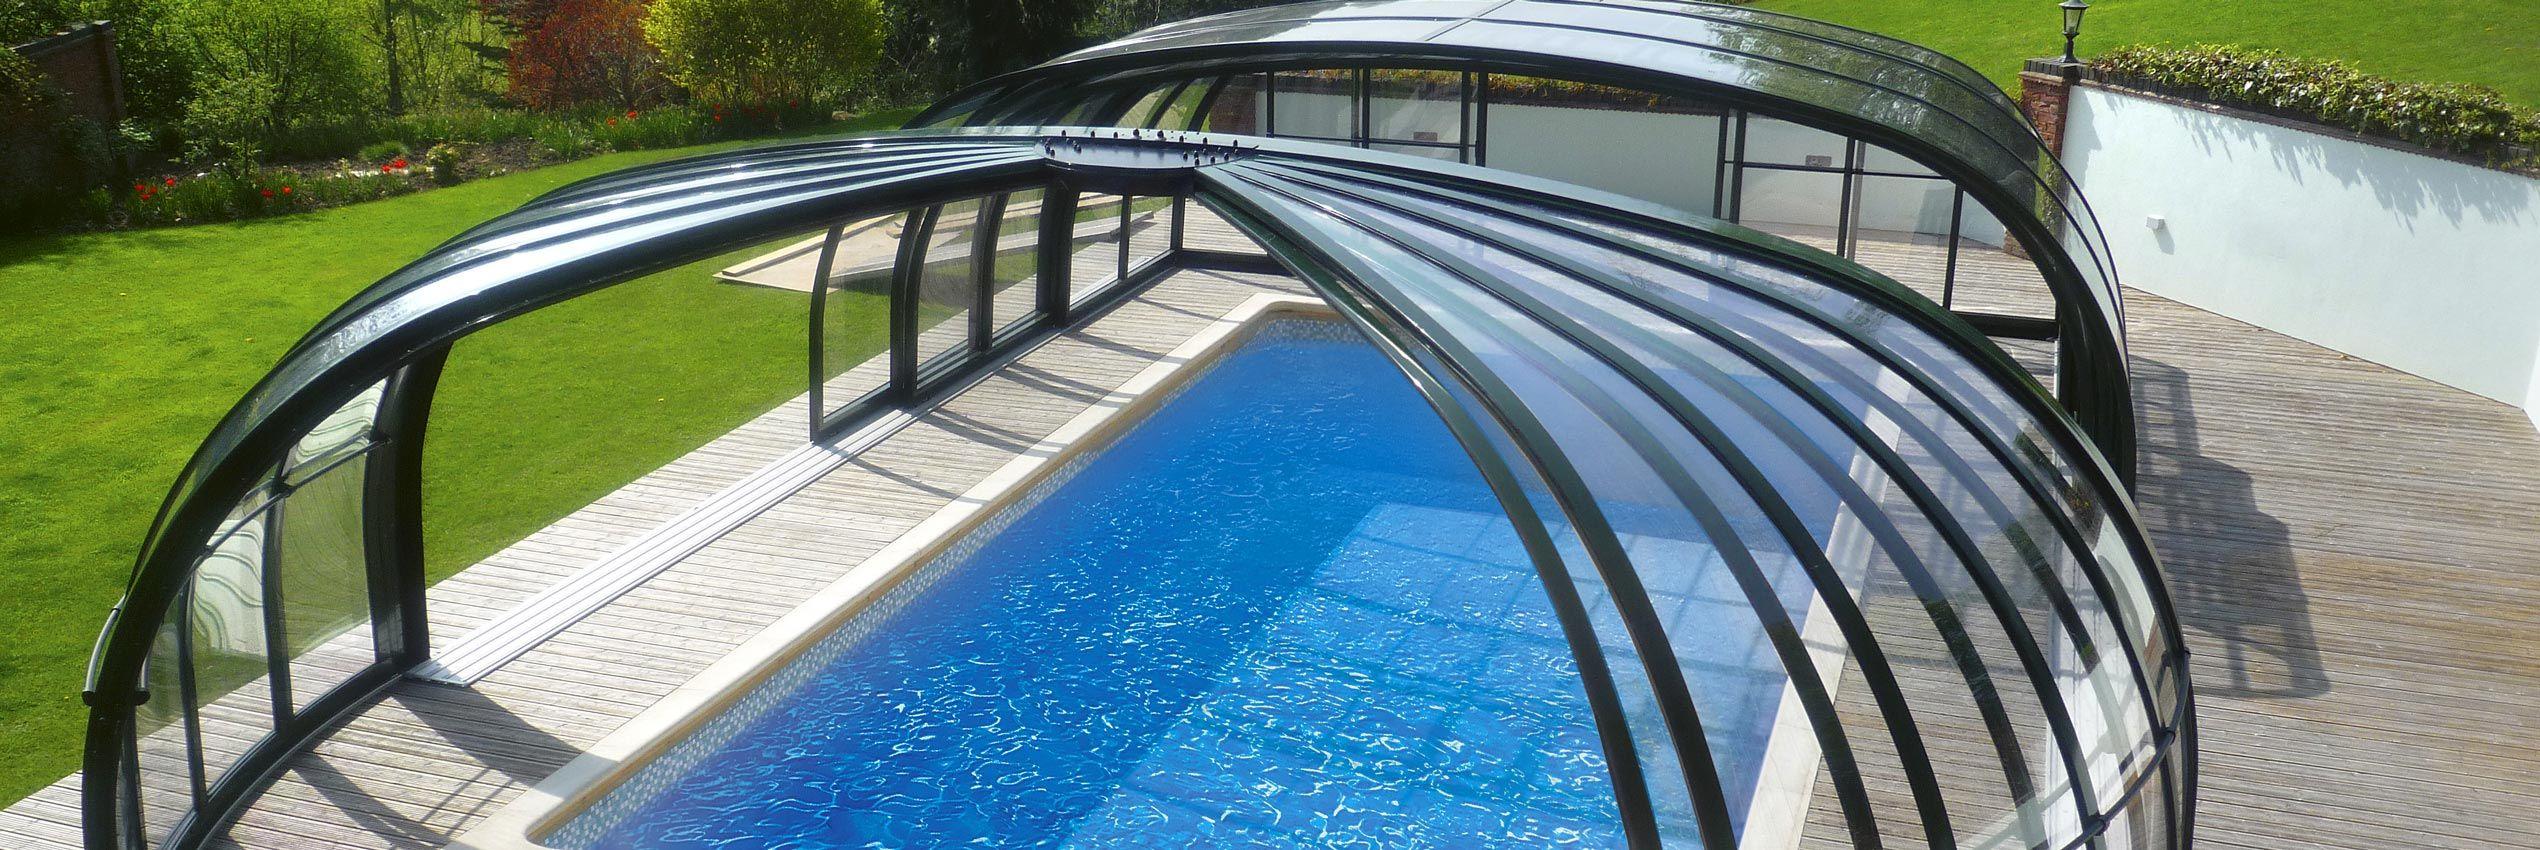 Abri de piscine Olympic fermé